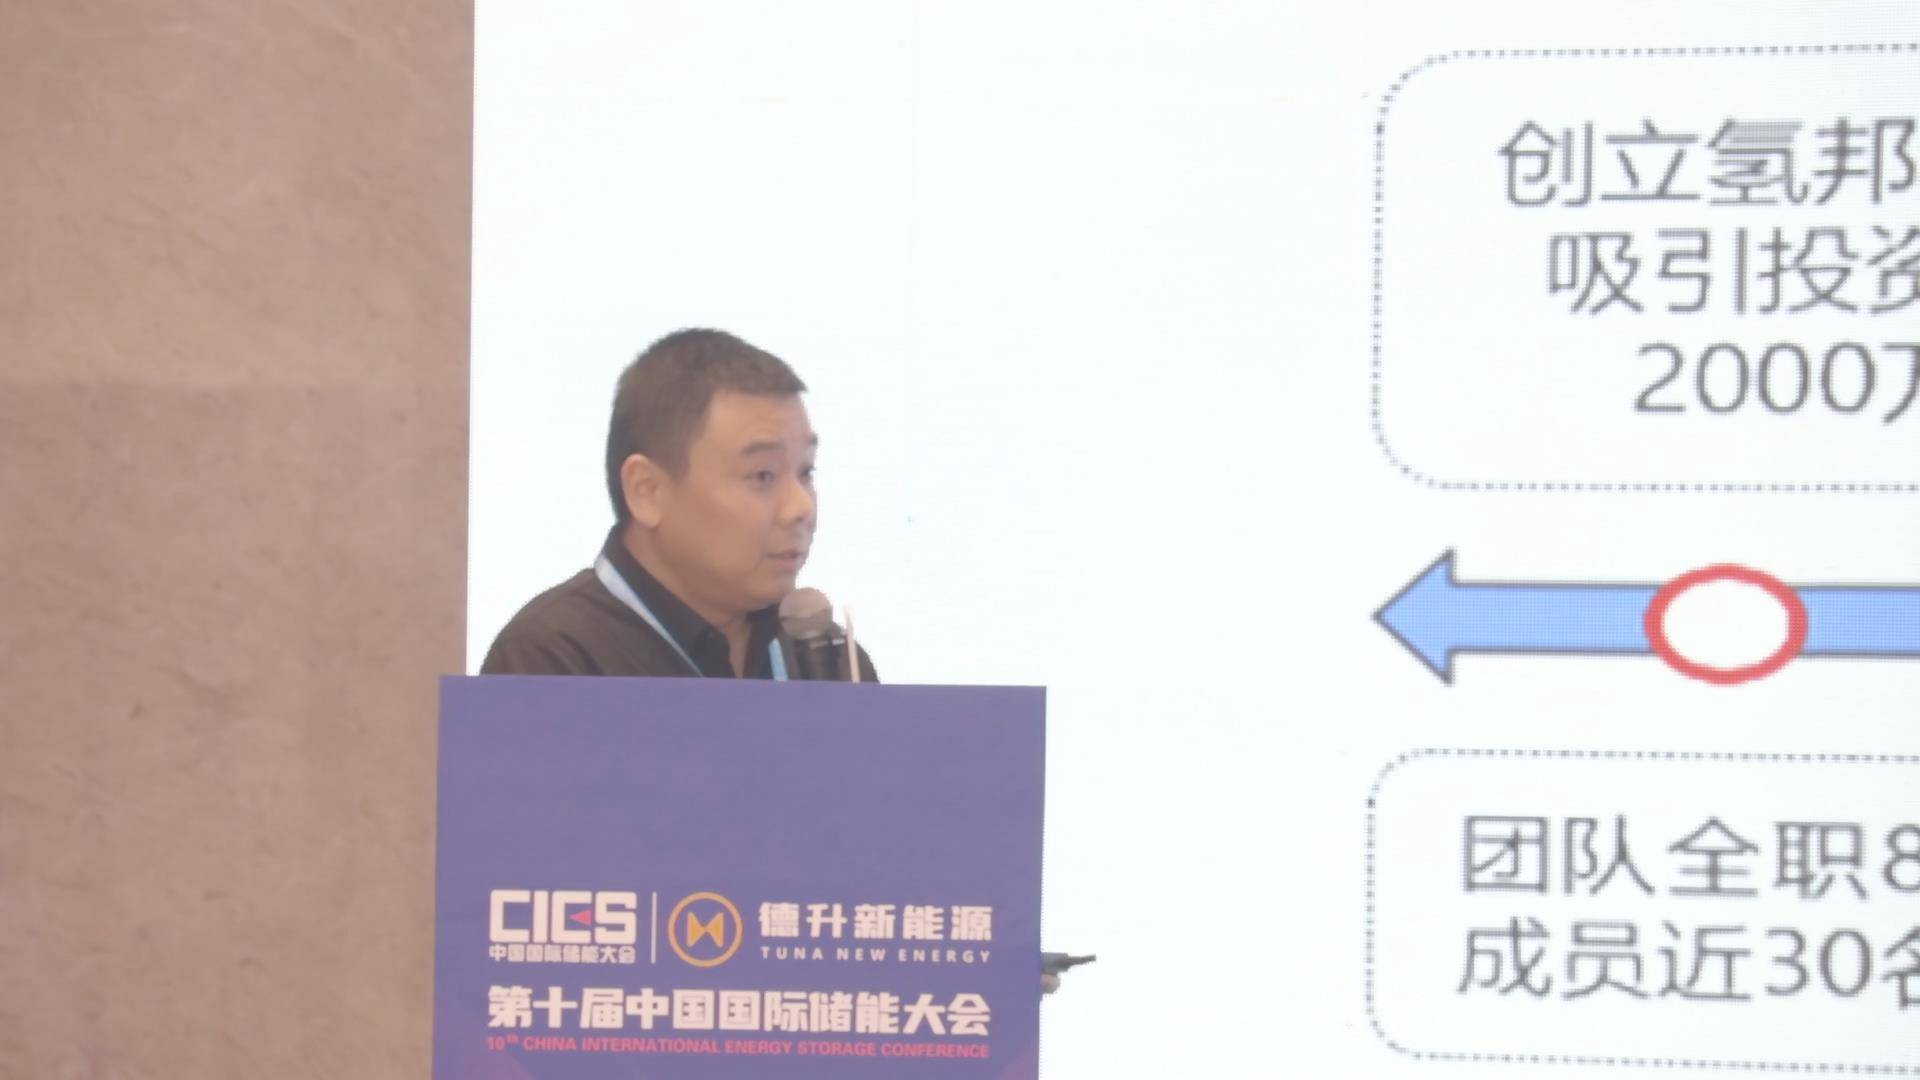 高效清洁的发电与电力储能技术研究进展[中国科学院 王建新]